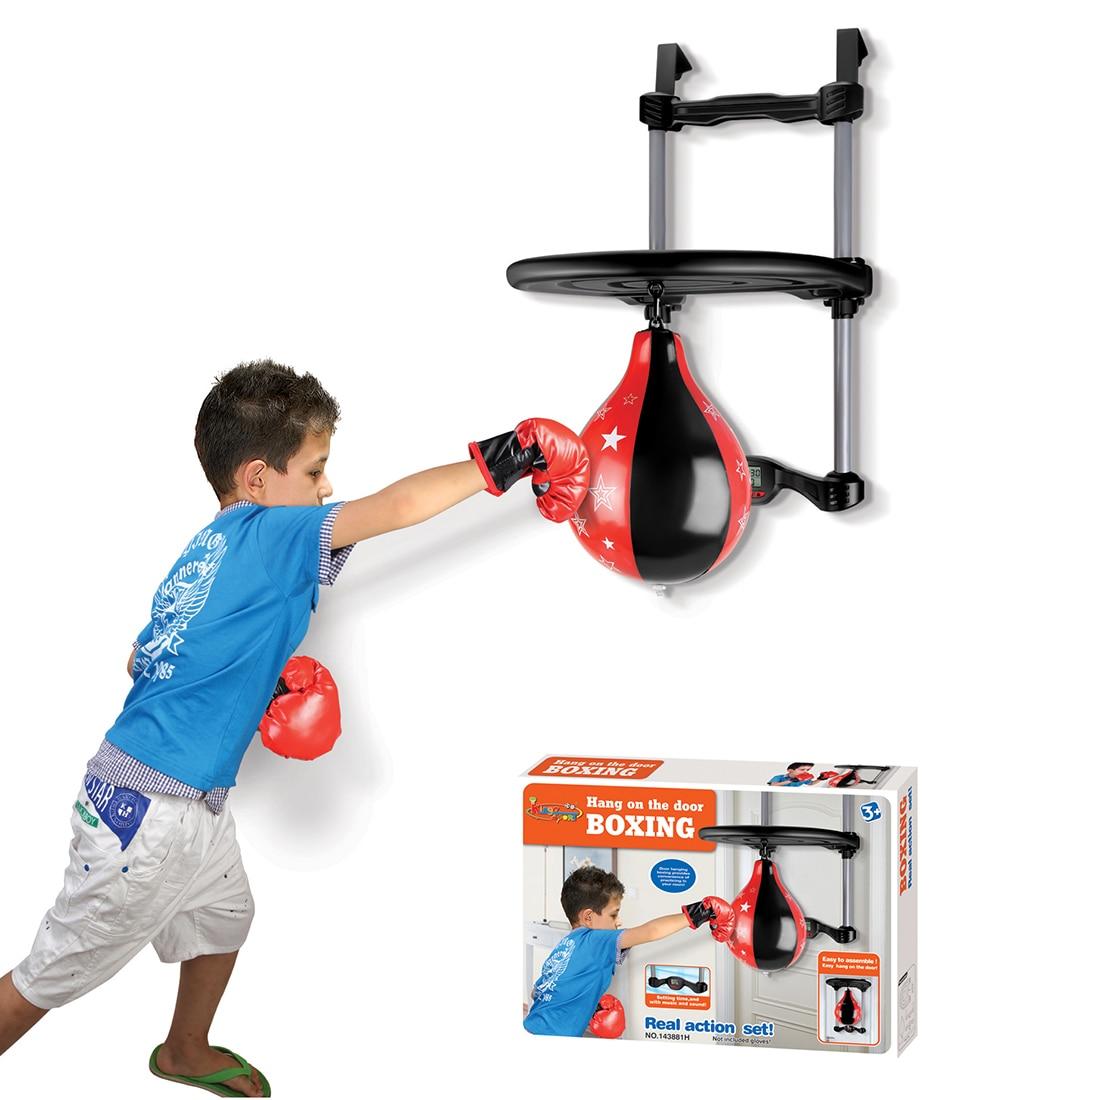 Pendentif Type enfants balle de boxe en plein air jouets équipement de Fitness sport balle de boxe jouets pour enfants